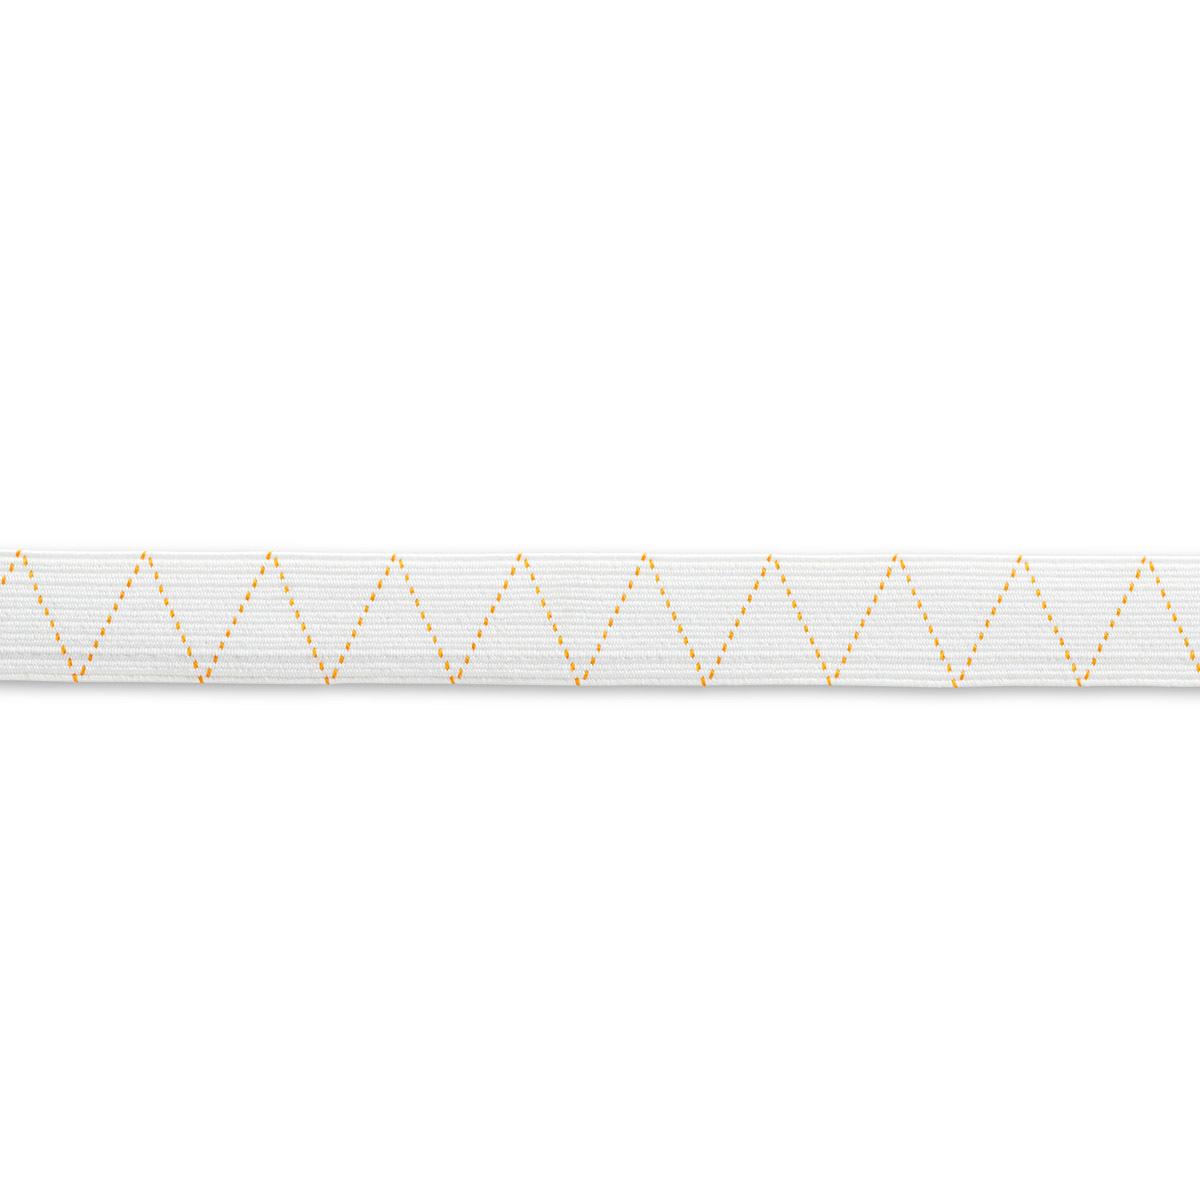 911440 Стандартная эластичная лента плетеная 20 мм*25м белый цв. Prym